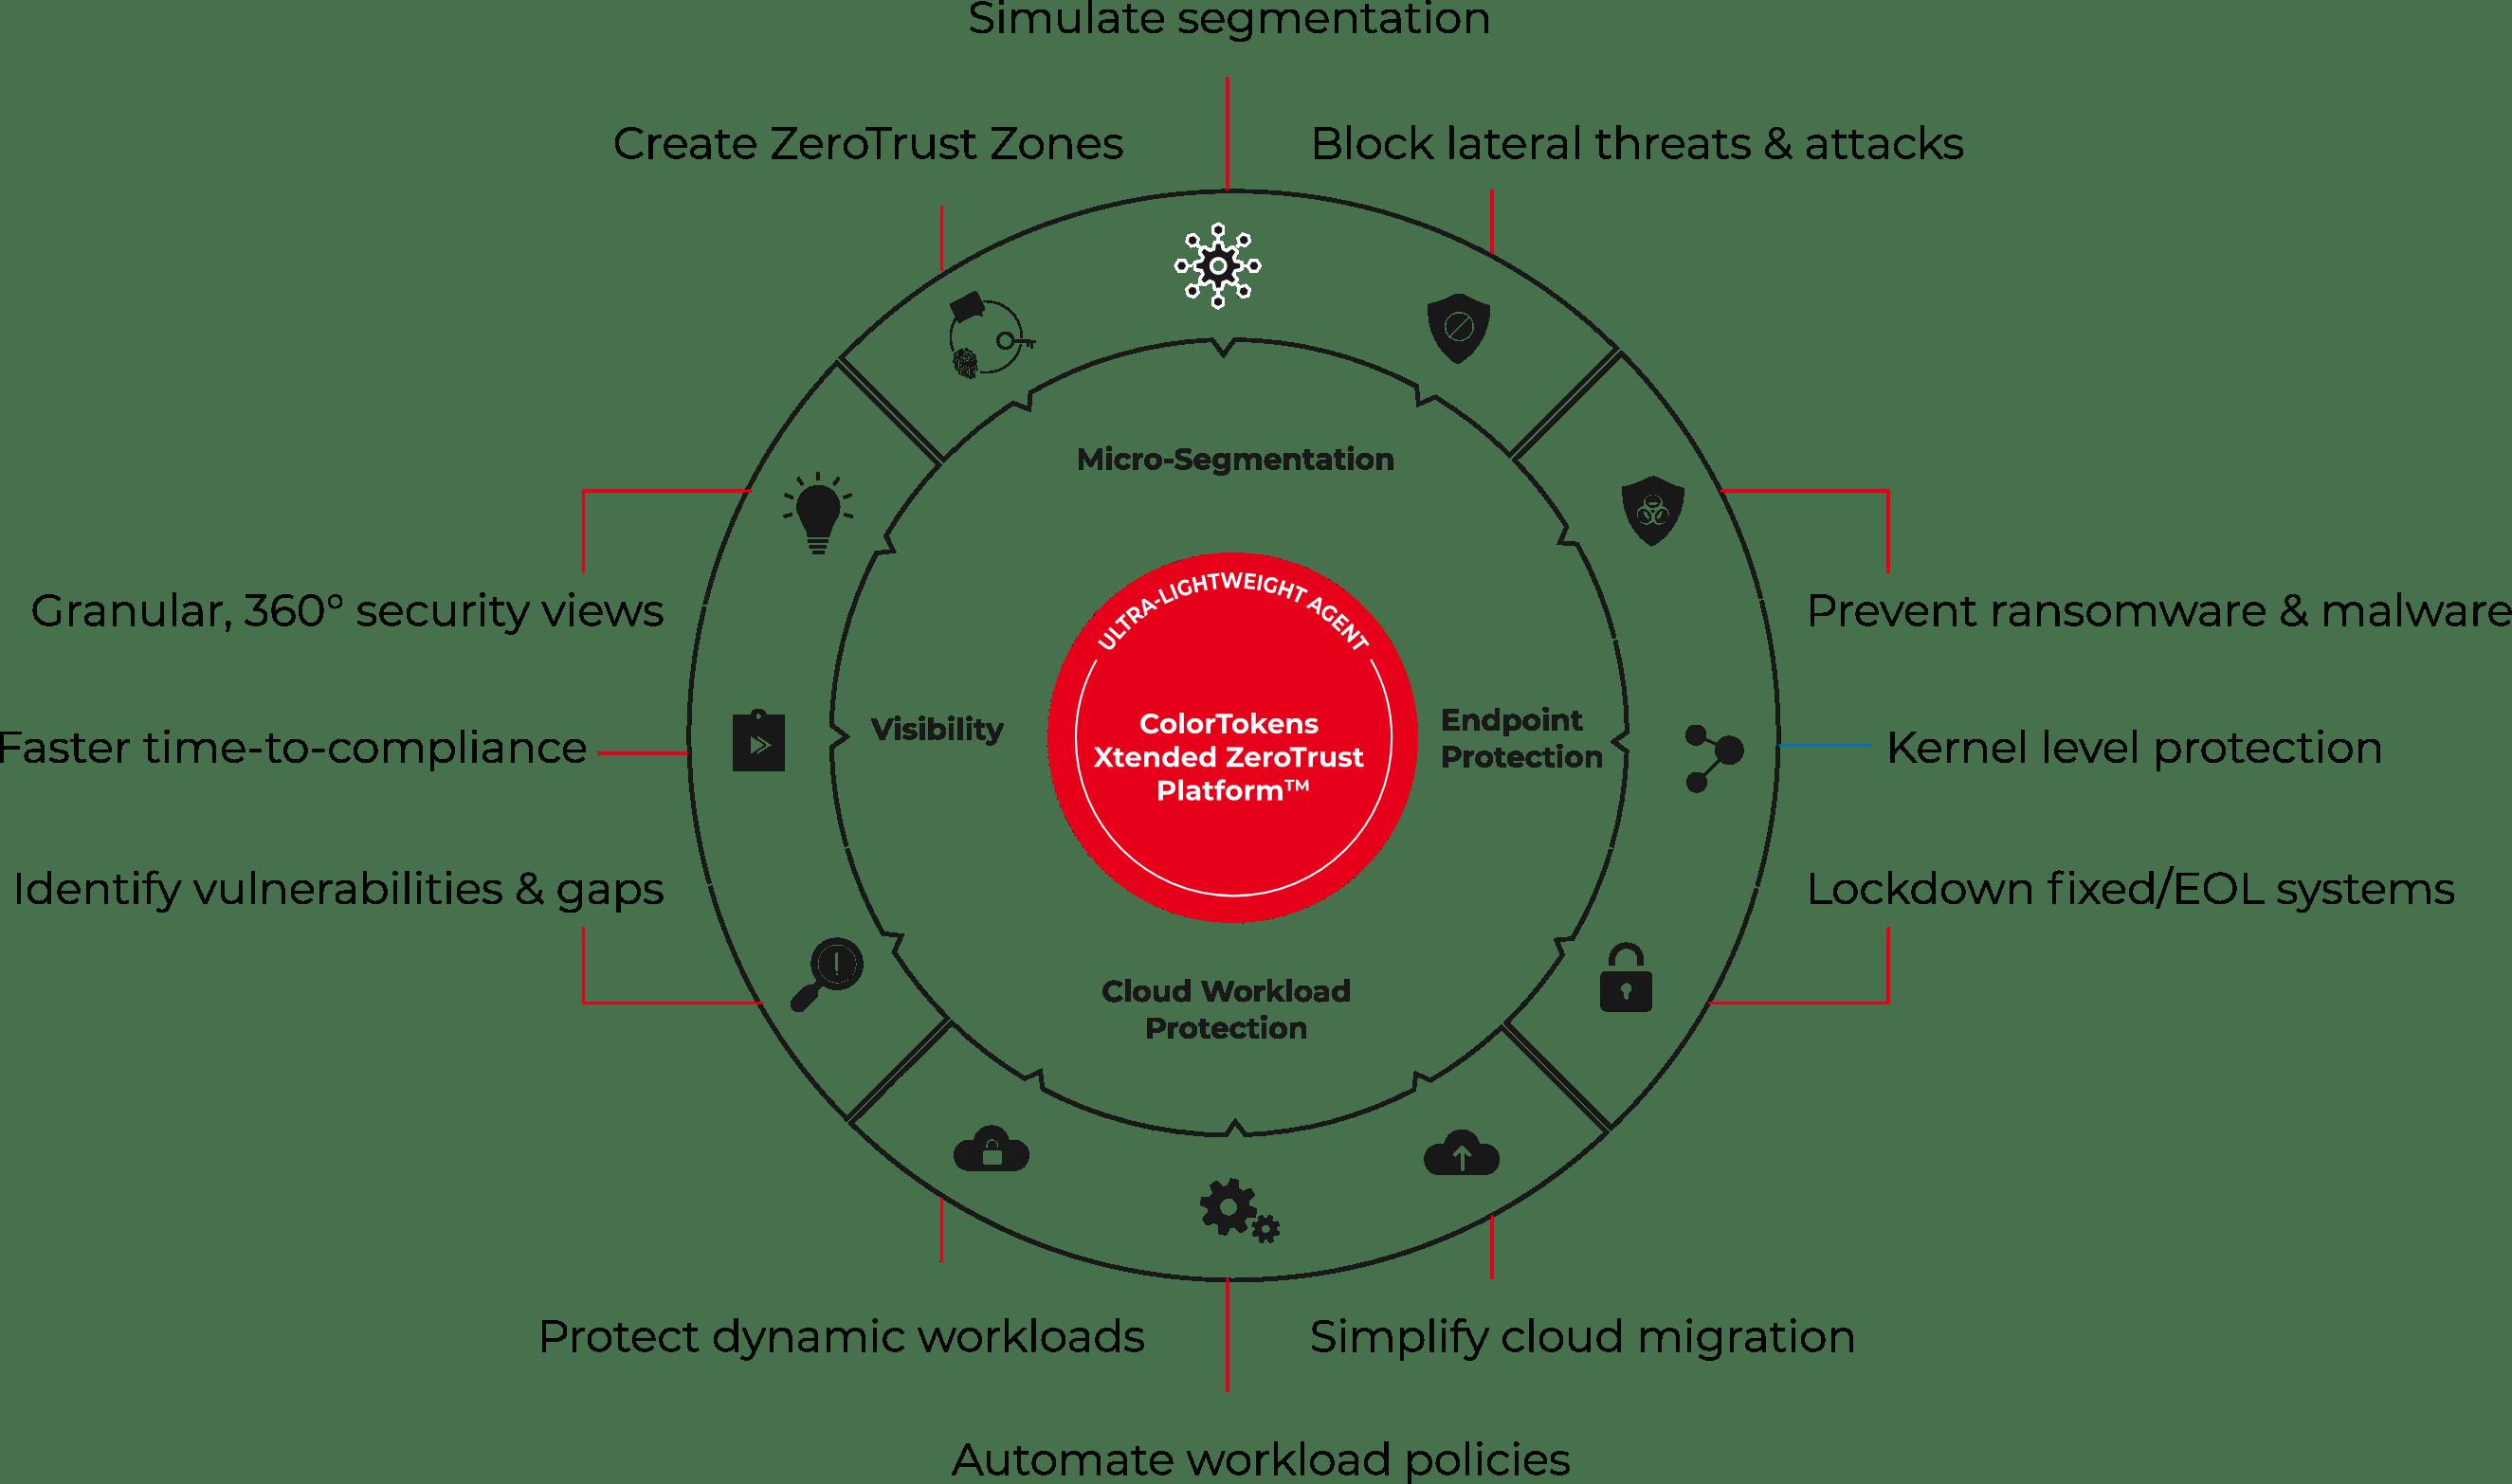 Xtended ZeroTrust Platform